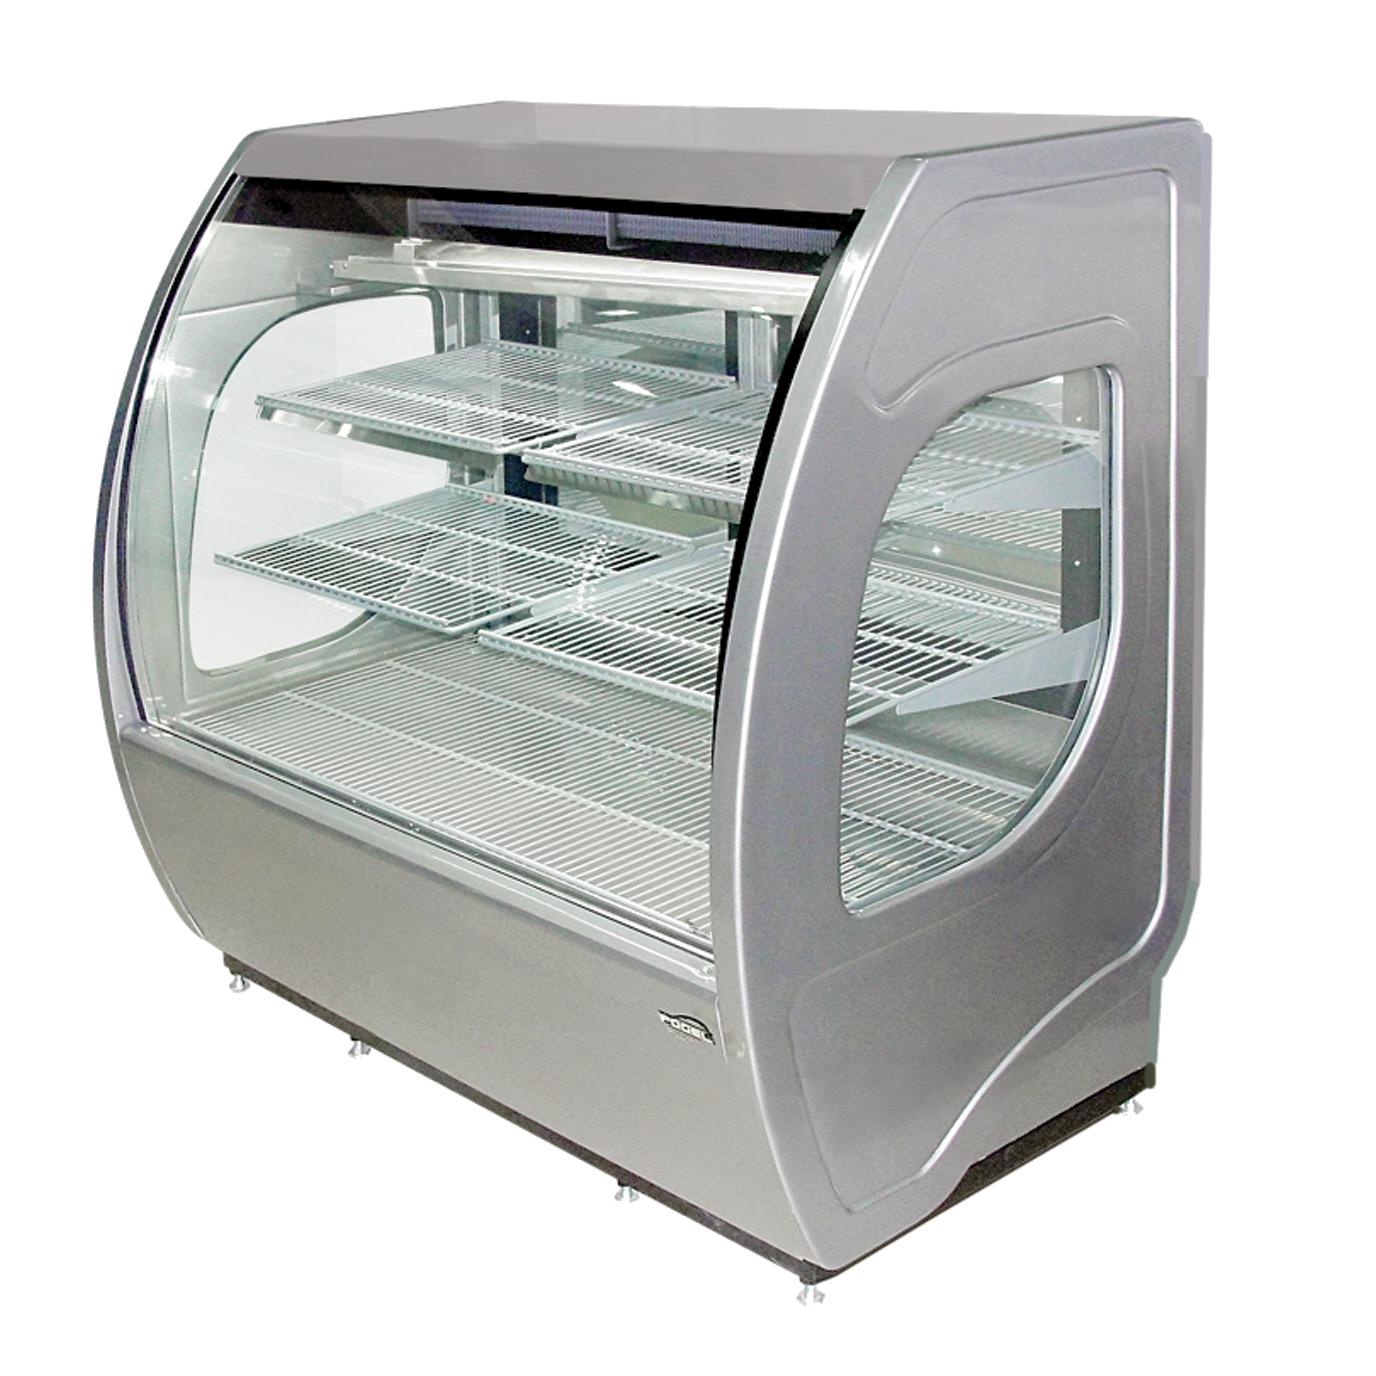 Fogel USA ELITE-4-DC-G display case, refrigerated deli